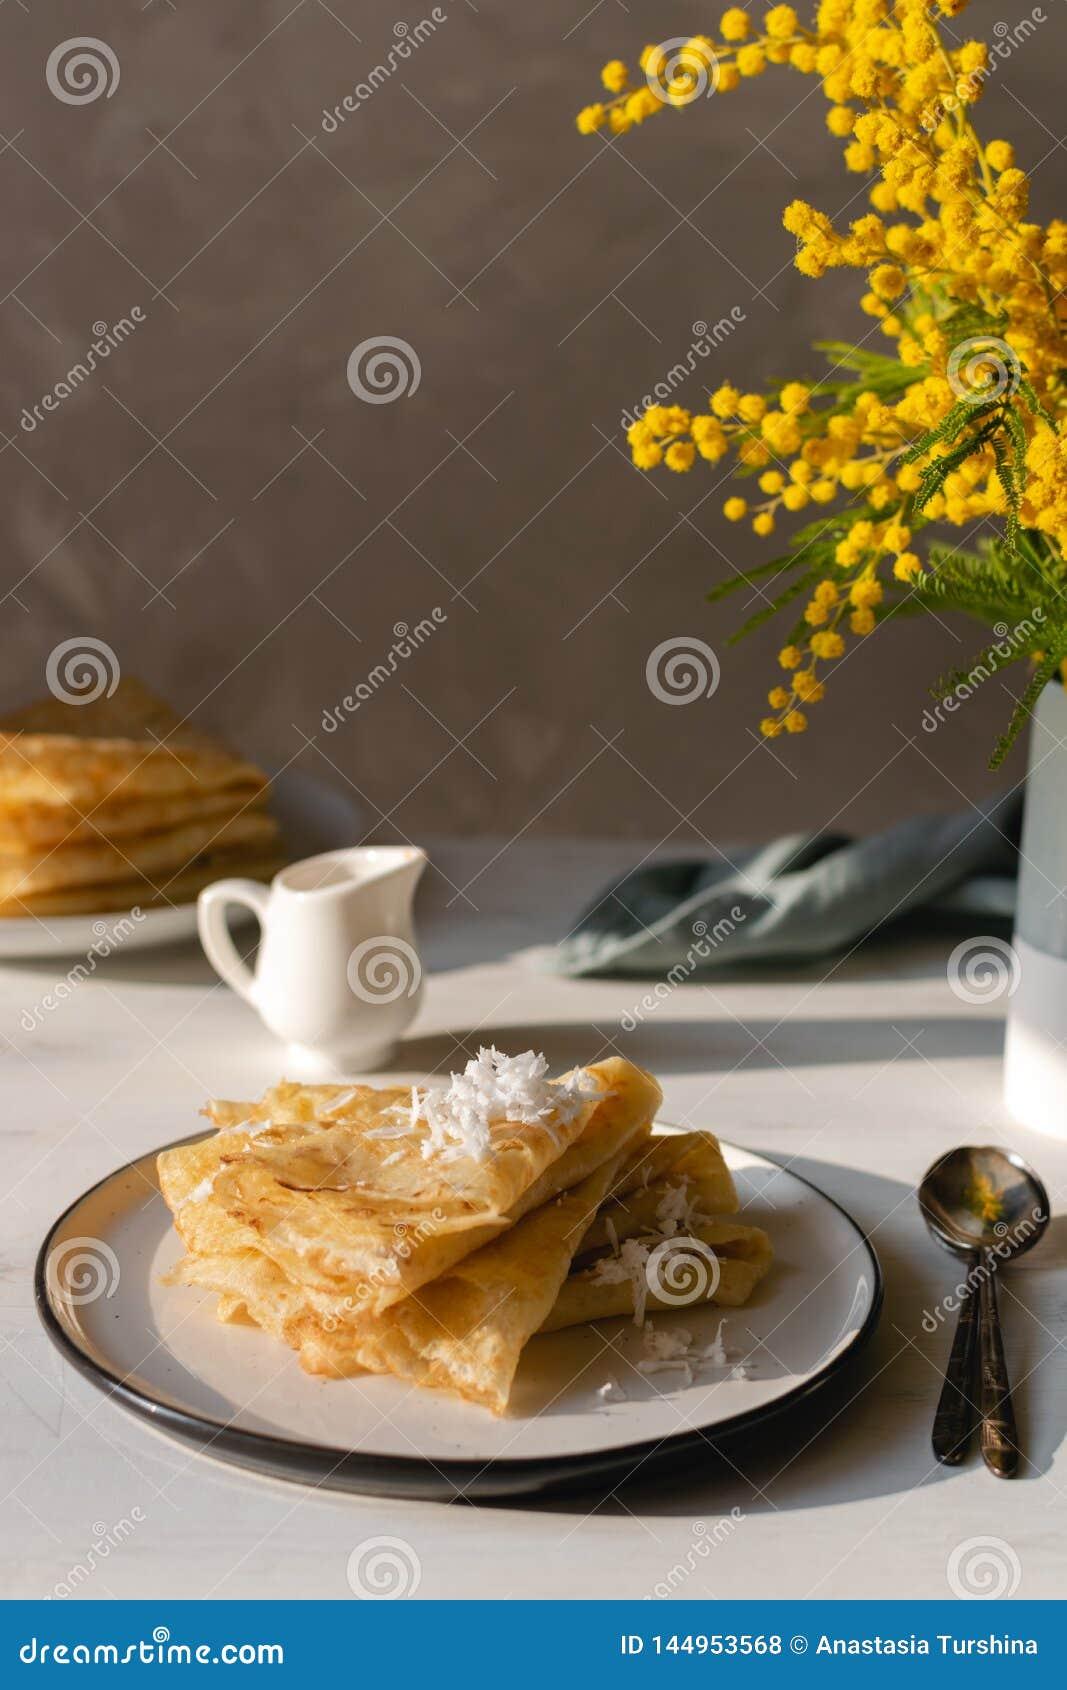 Ranek, śniadanie - tradycyjni rosyjscy blini bliny, francuskie krepy batożąca śmietanka, mimoza kwiat